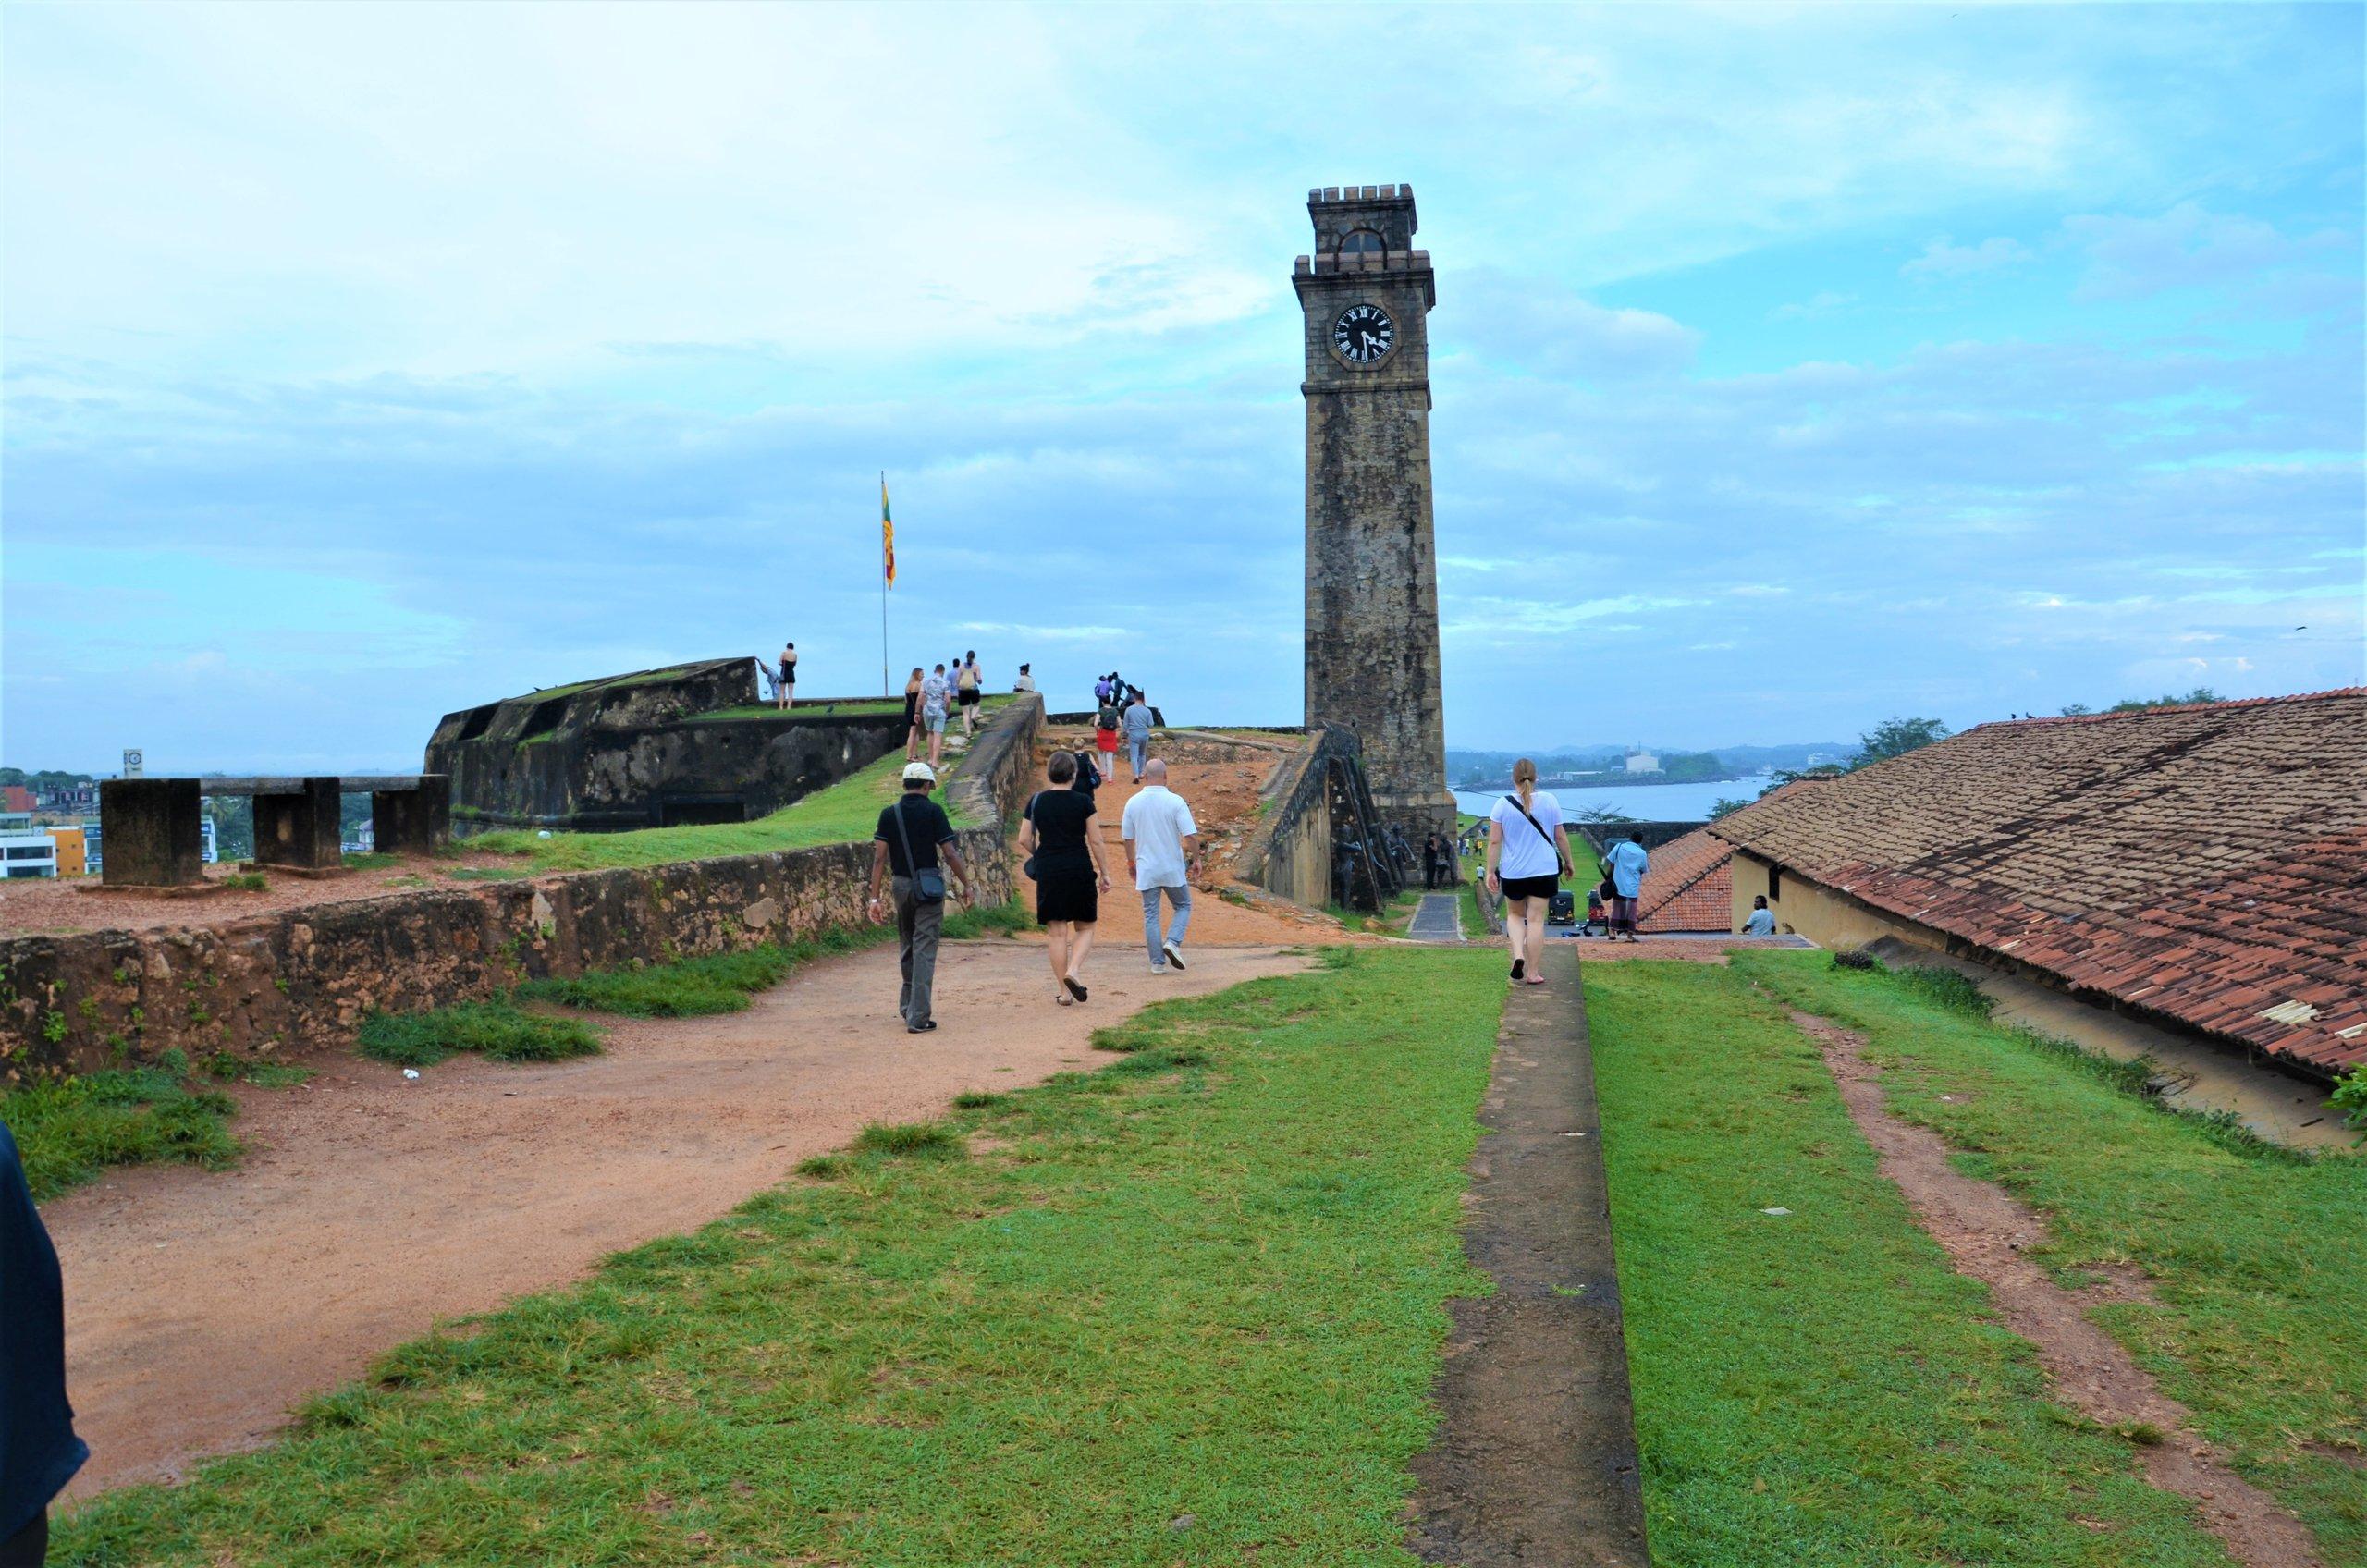 På en rejse til Sri Lanka ser du også det gamle fort i Galle